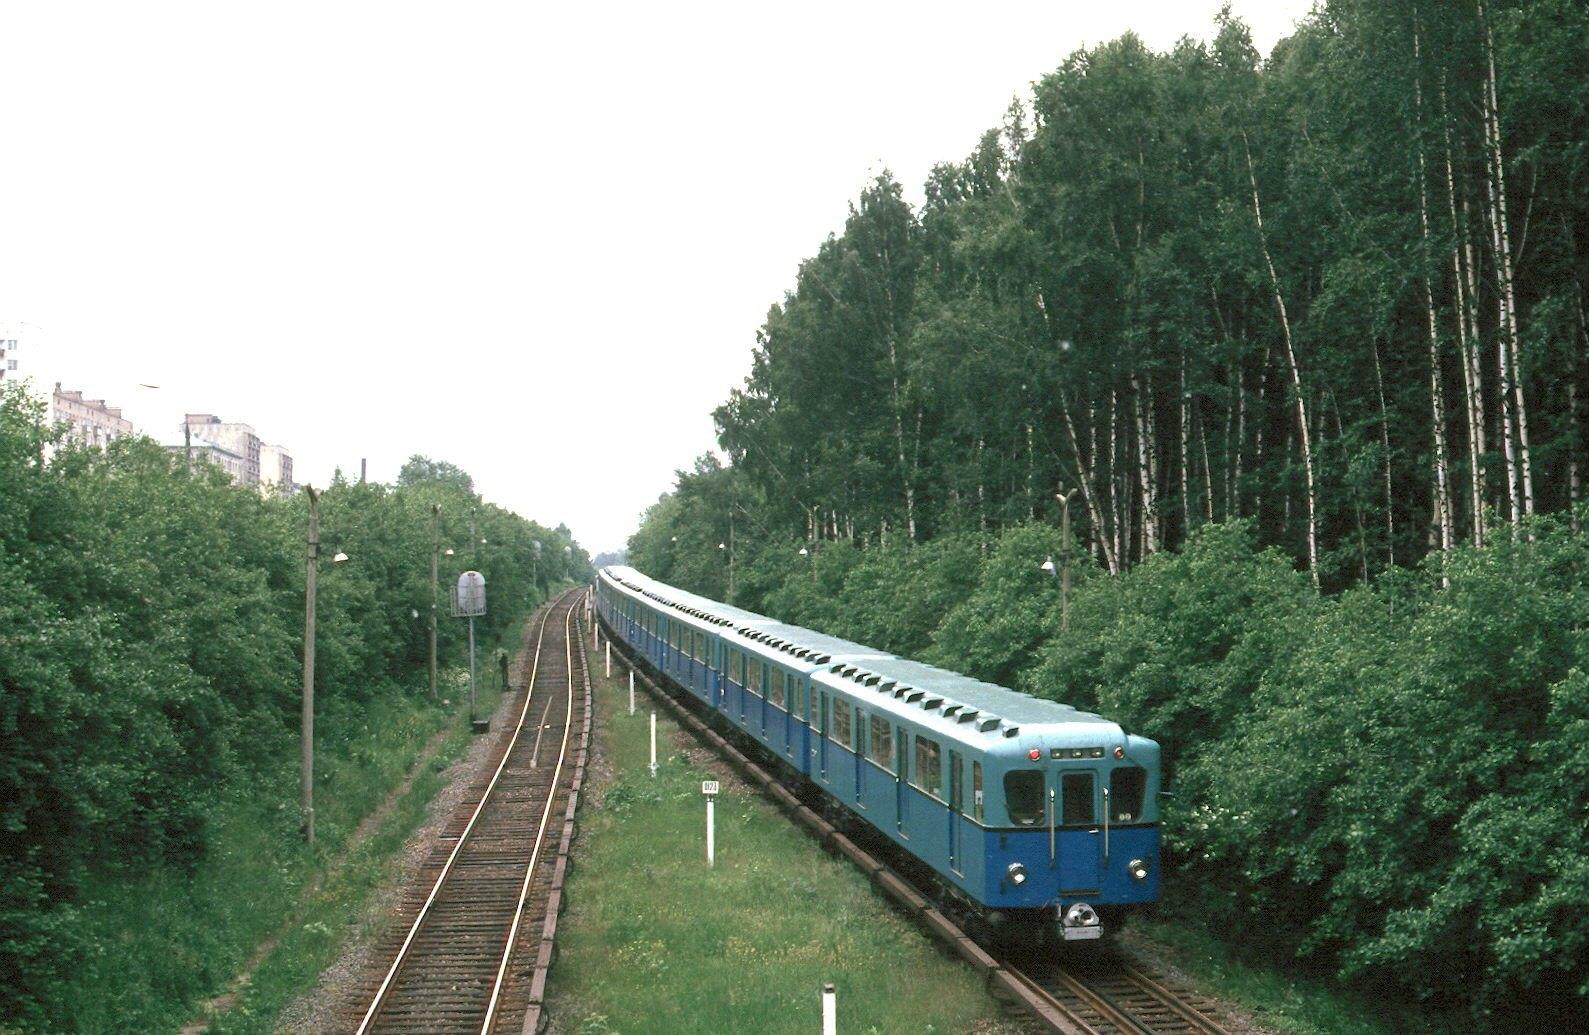 1985. Москва. Перегон у станции метро Измайловская